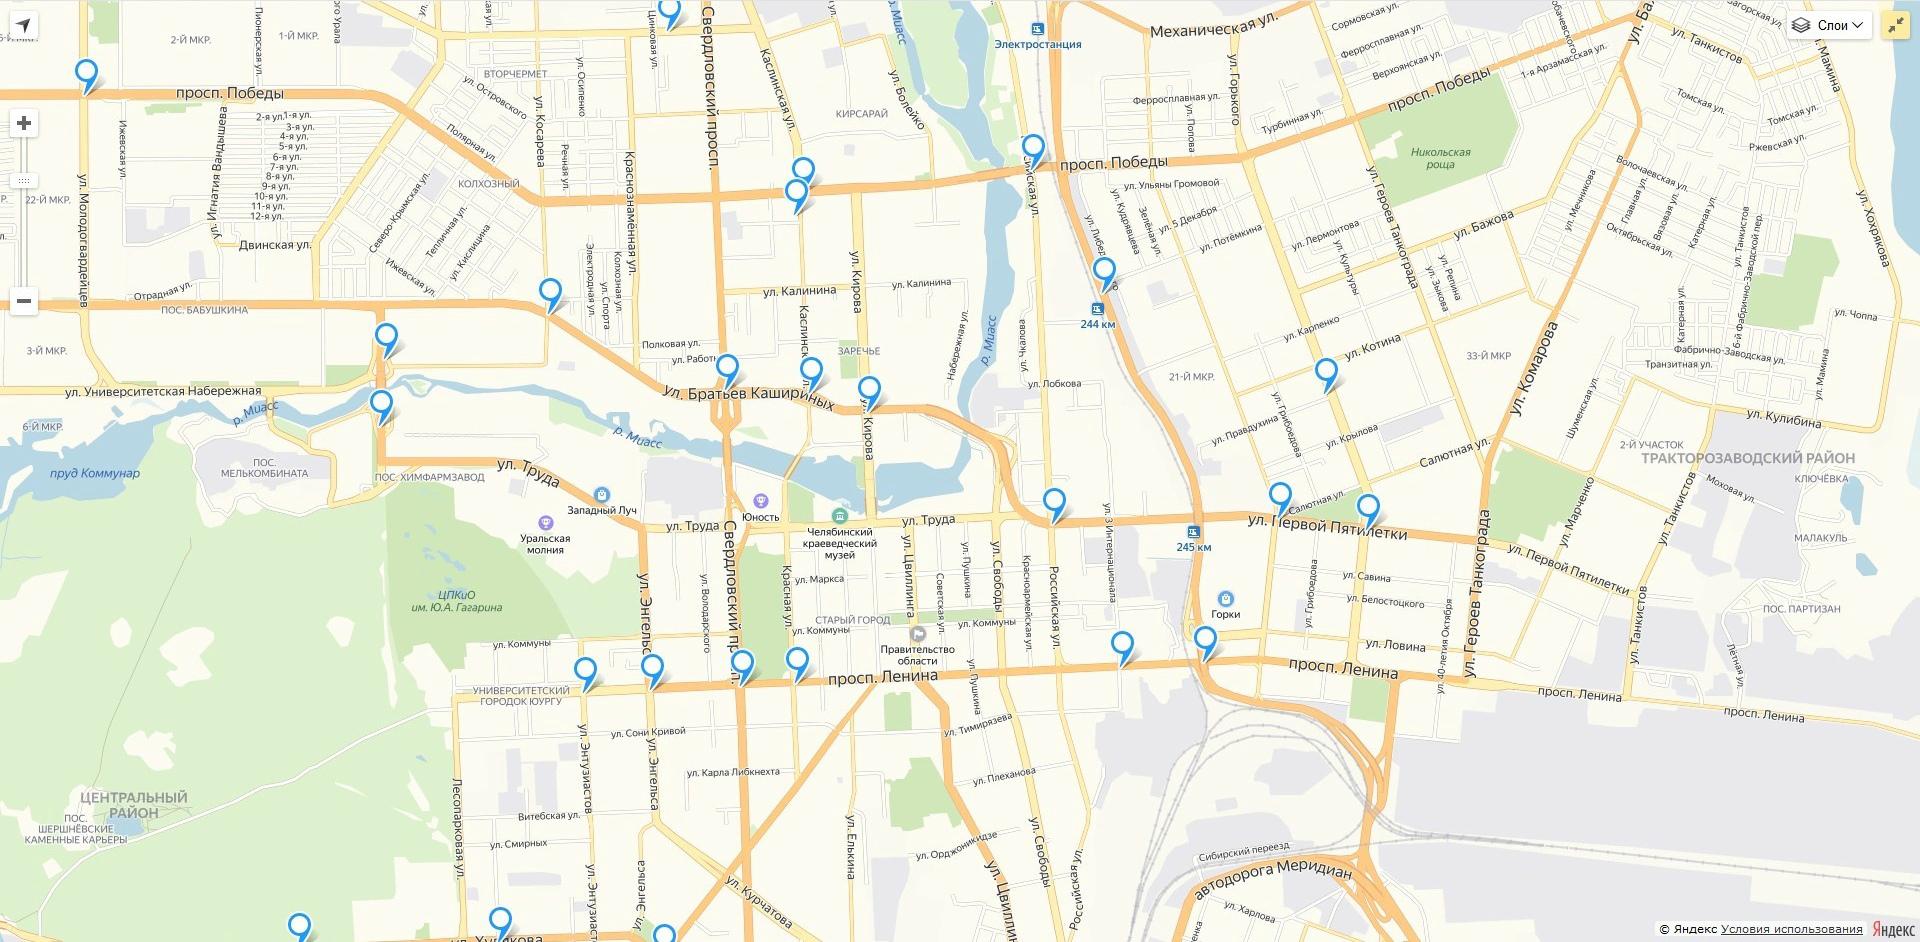 Например, вот так выглядит карта камер в Челябинске